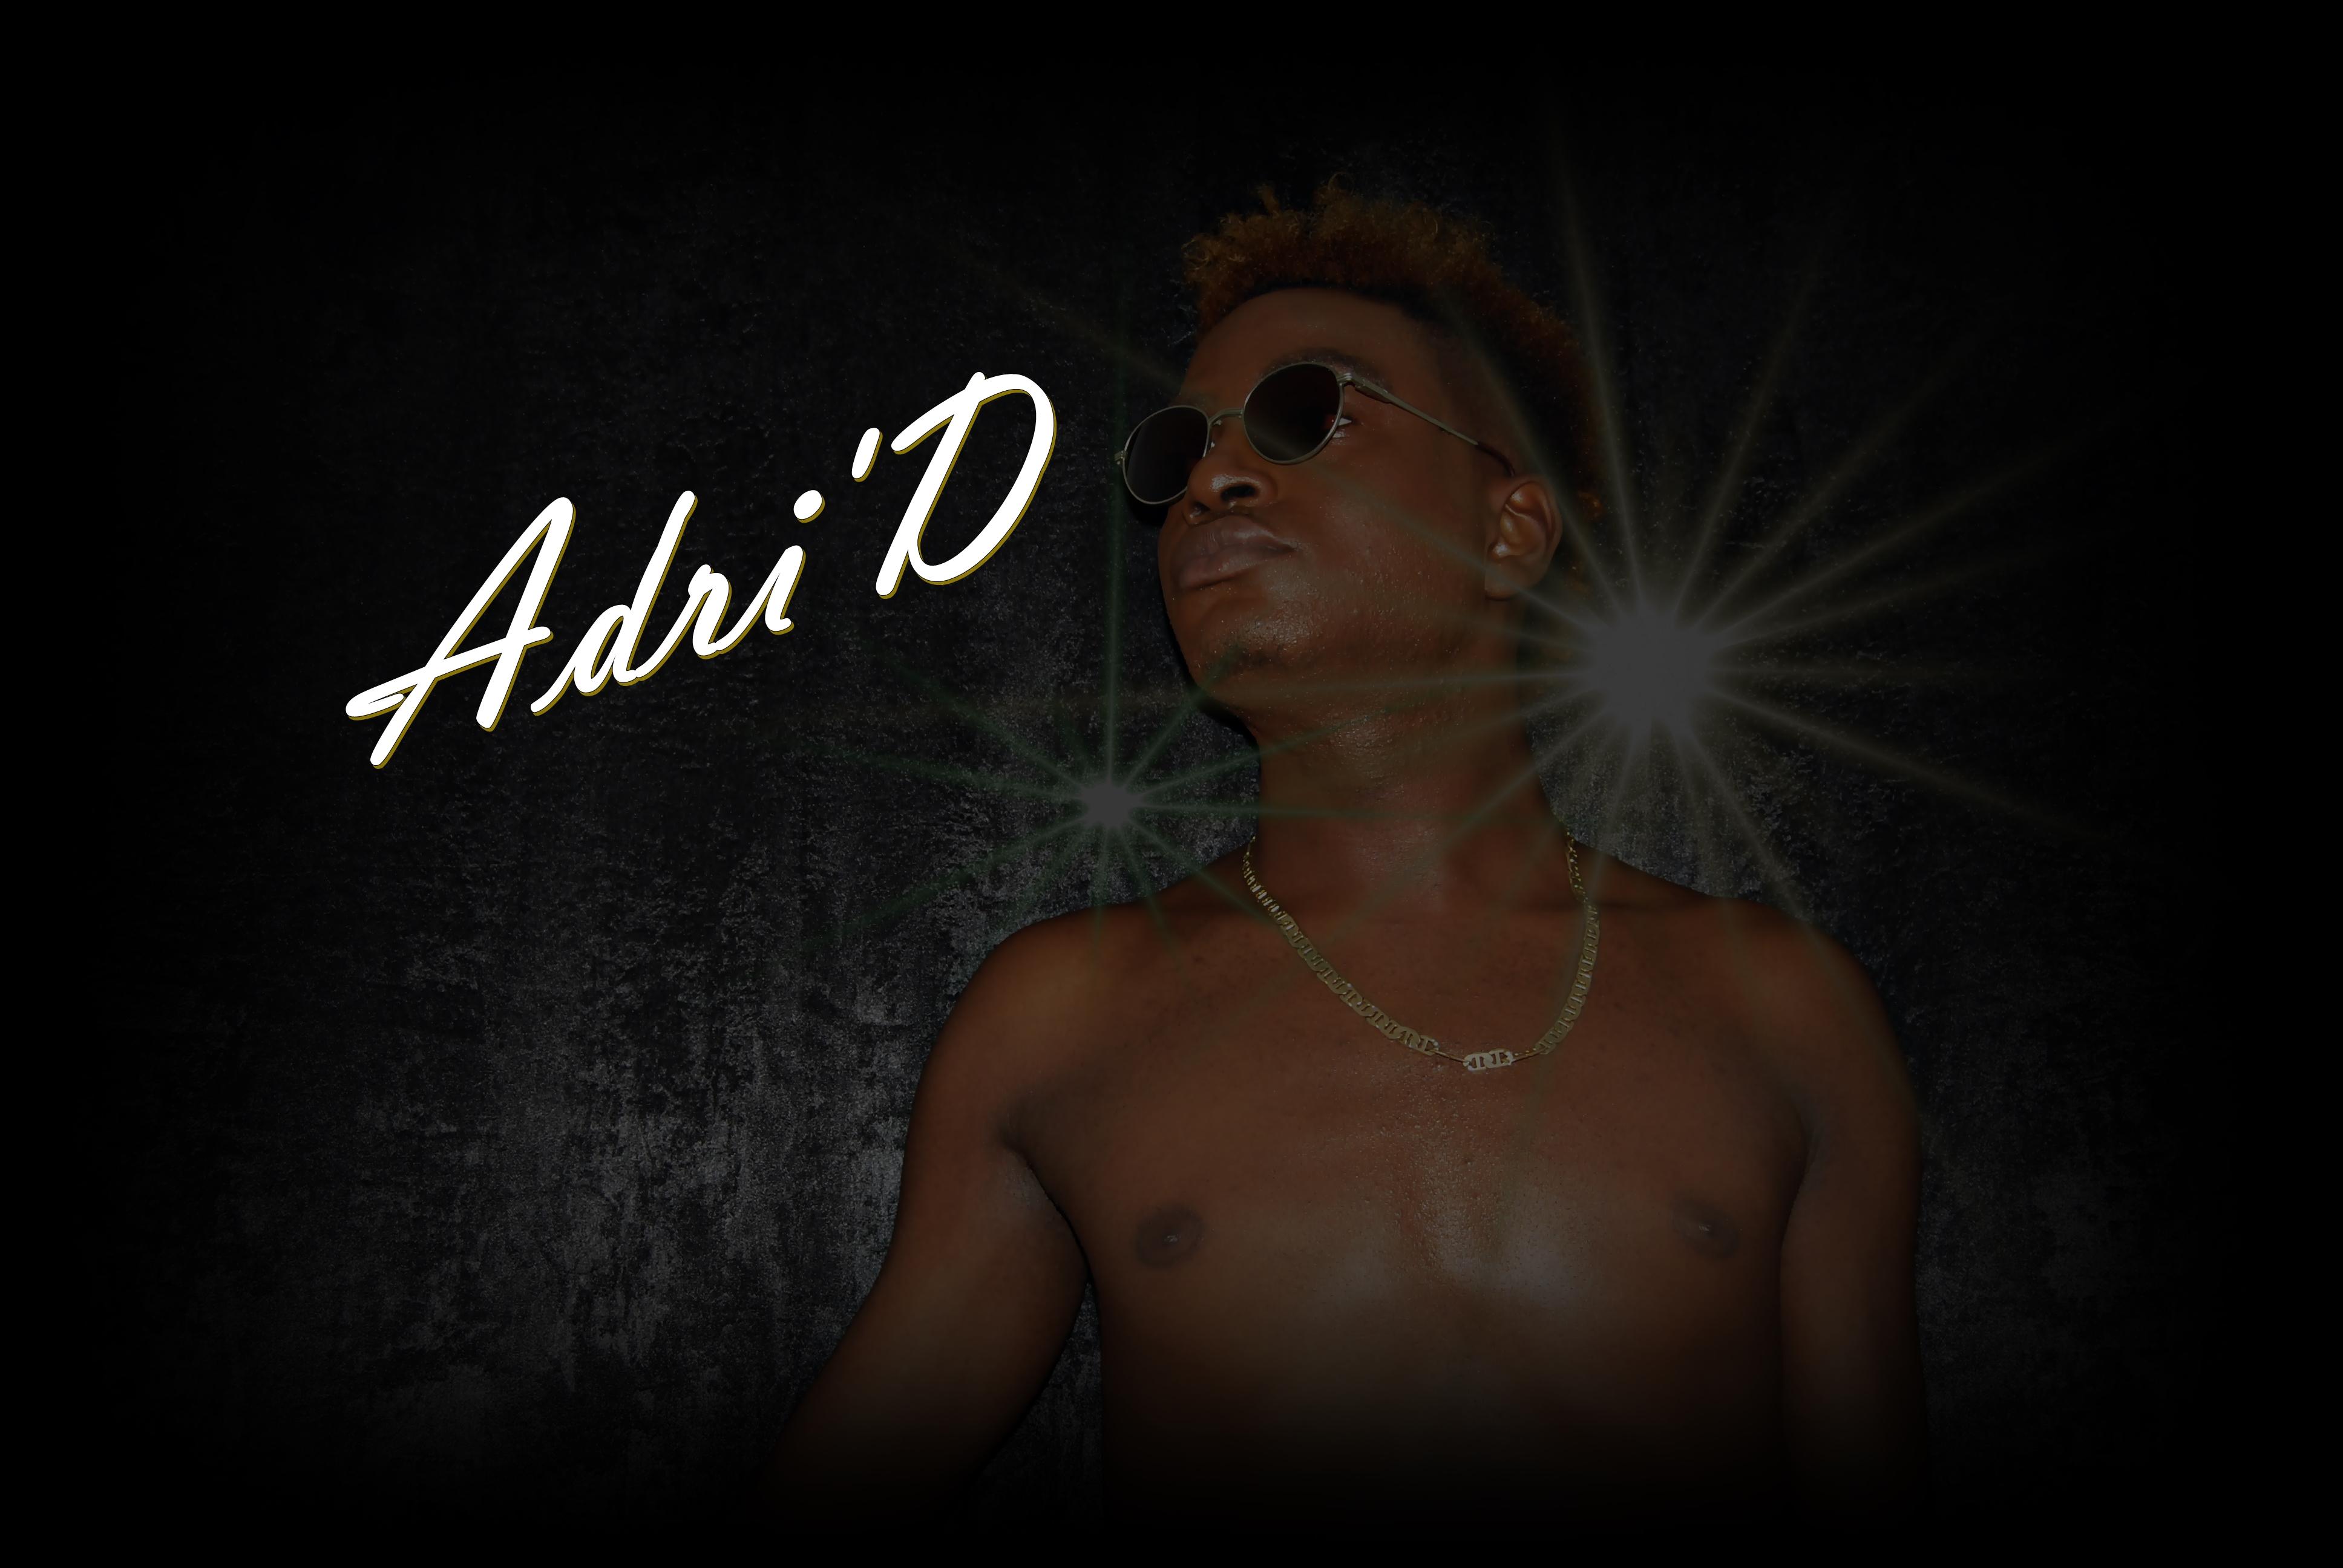 adri website pic 1